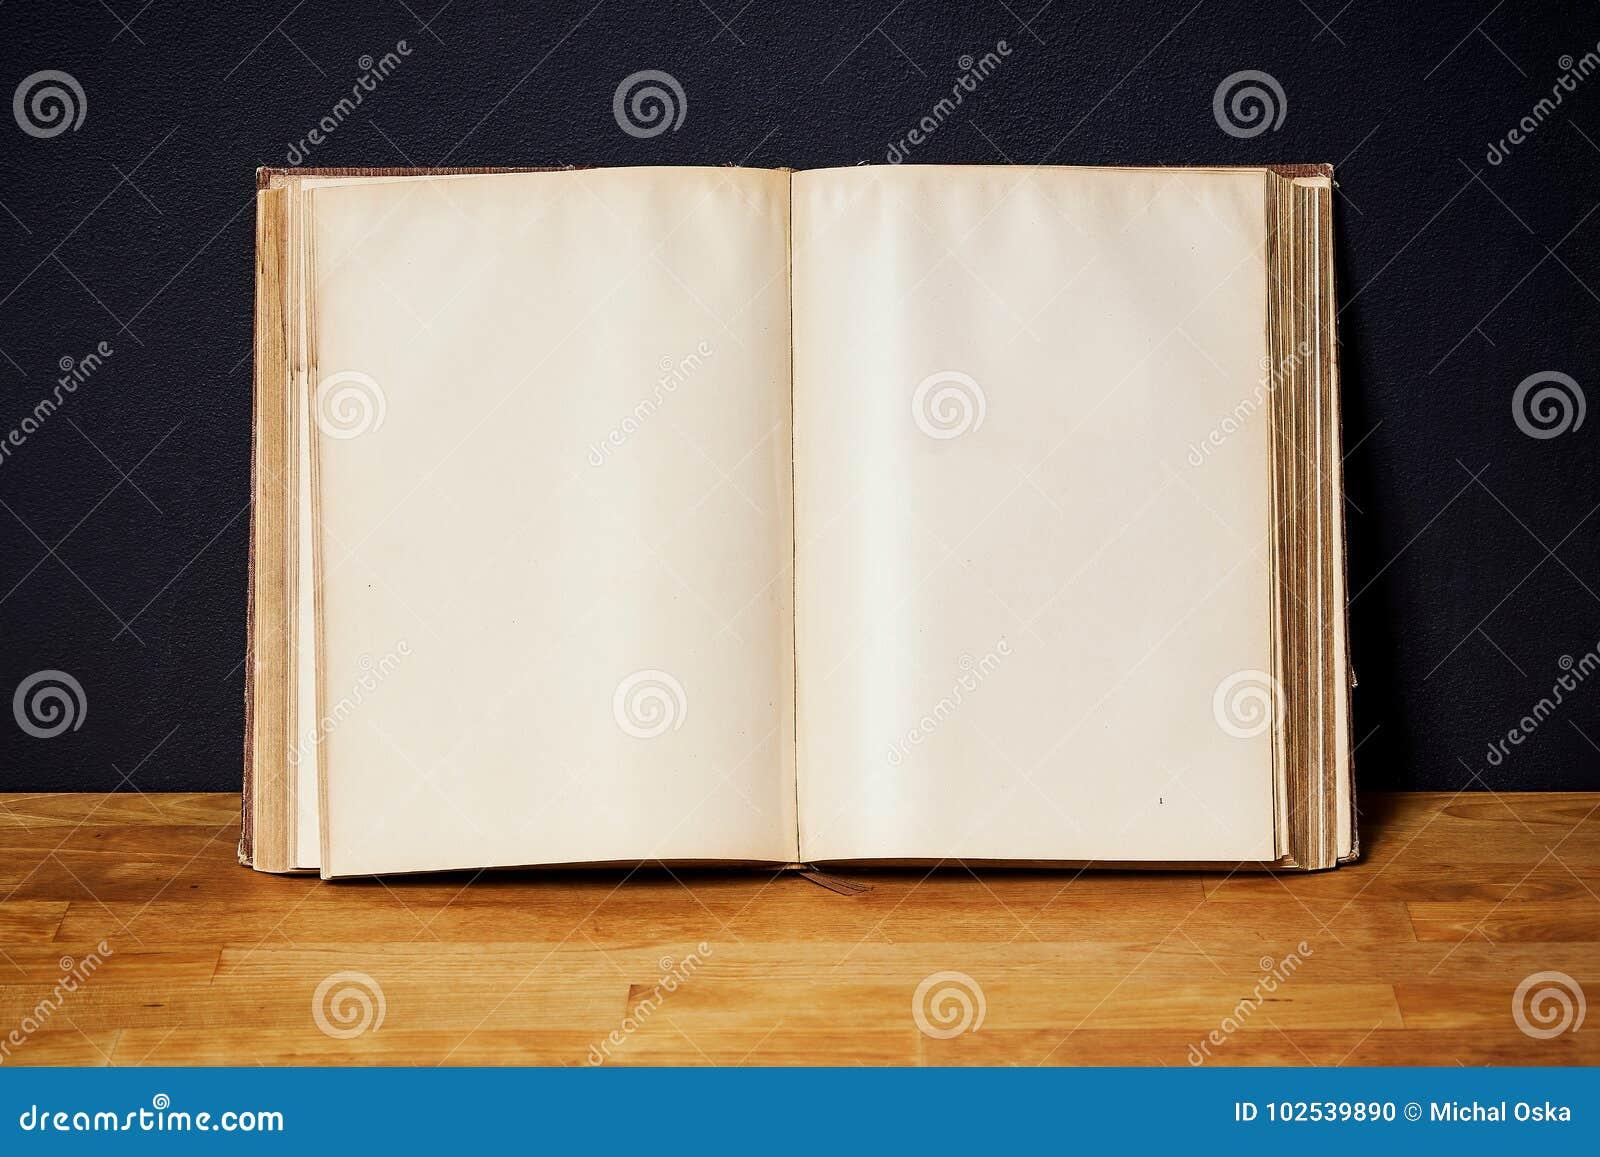 Houten Plank Voor Aan De Muur.Leeg Open Boek Op Een Heldere Houten Plank Op De Zwarte Muur Stock